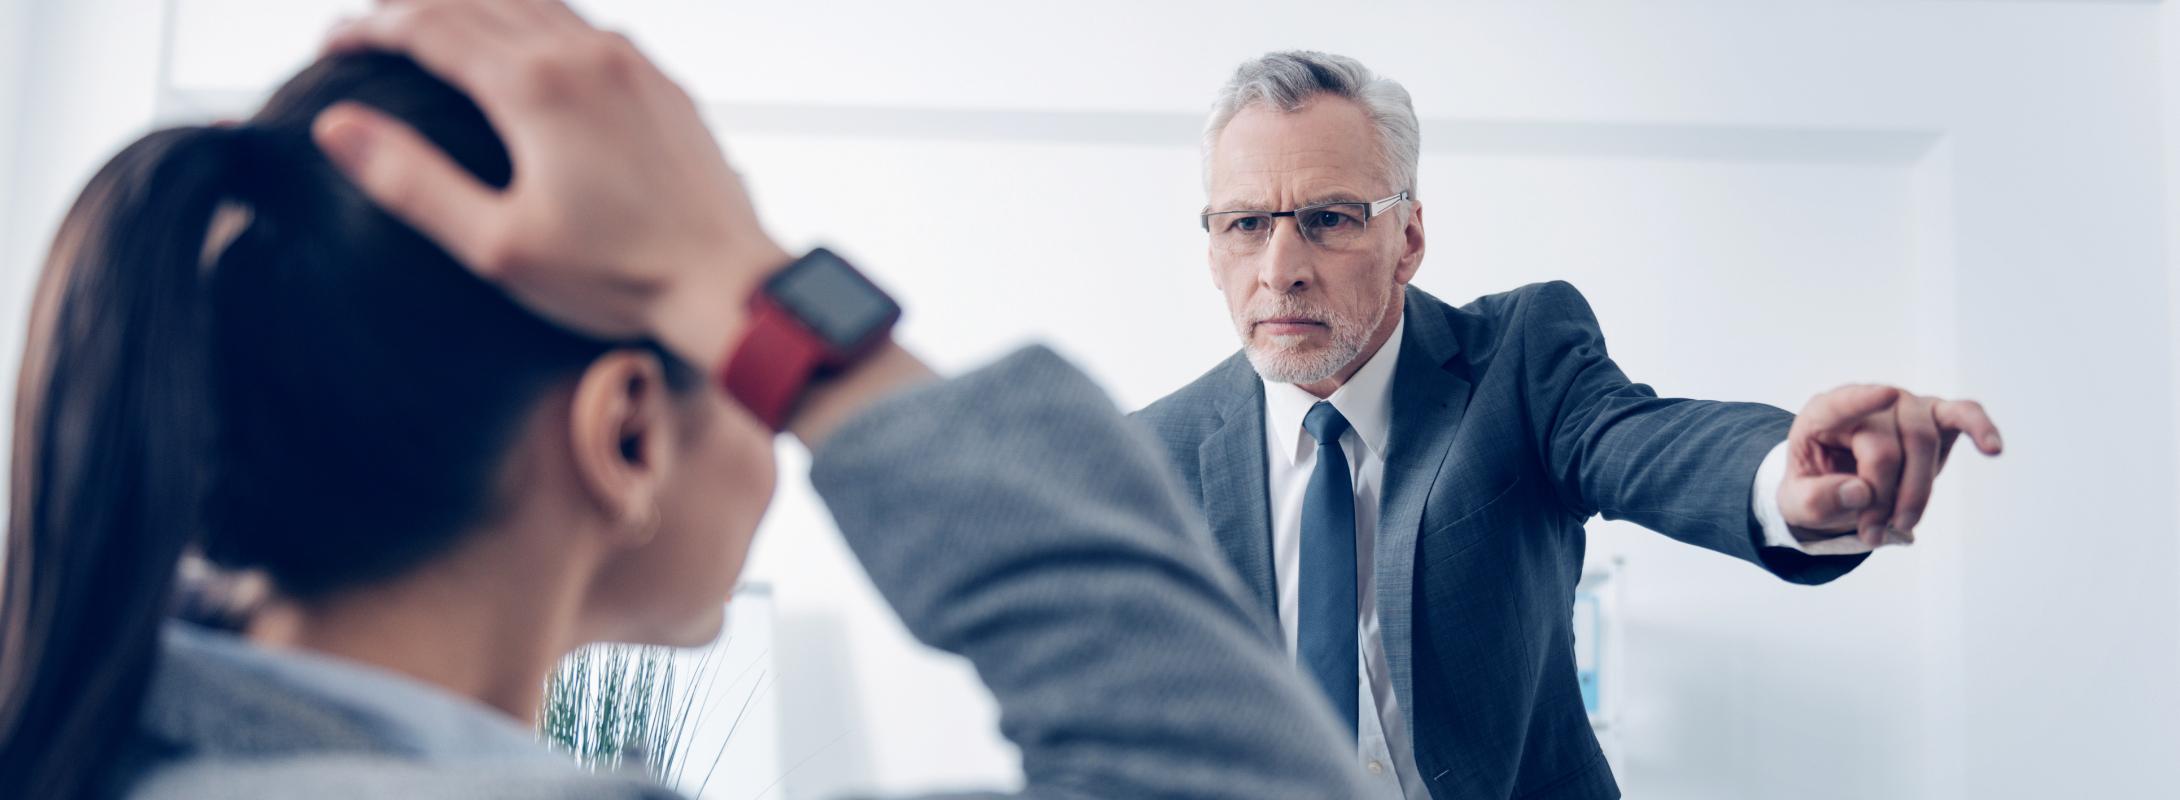 Schlechter Chef ist sauer auf Angestellte